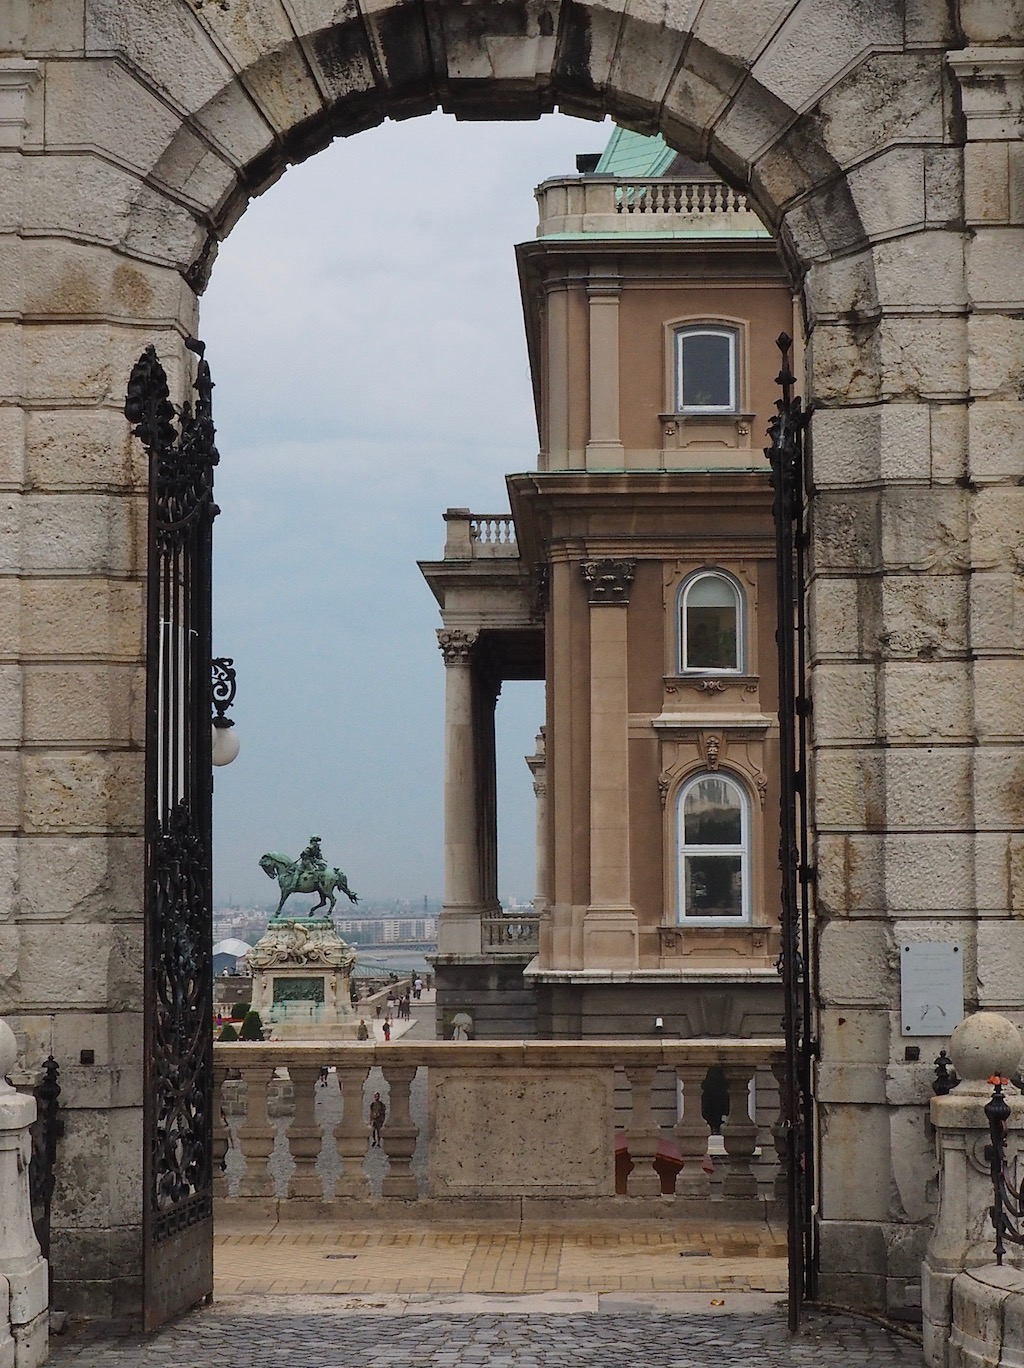 Visite de Budapest en famille, itinéraire sur 5 jours. Balade dans le quartier du château - Palais Royal